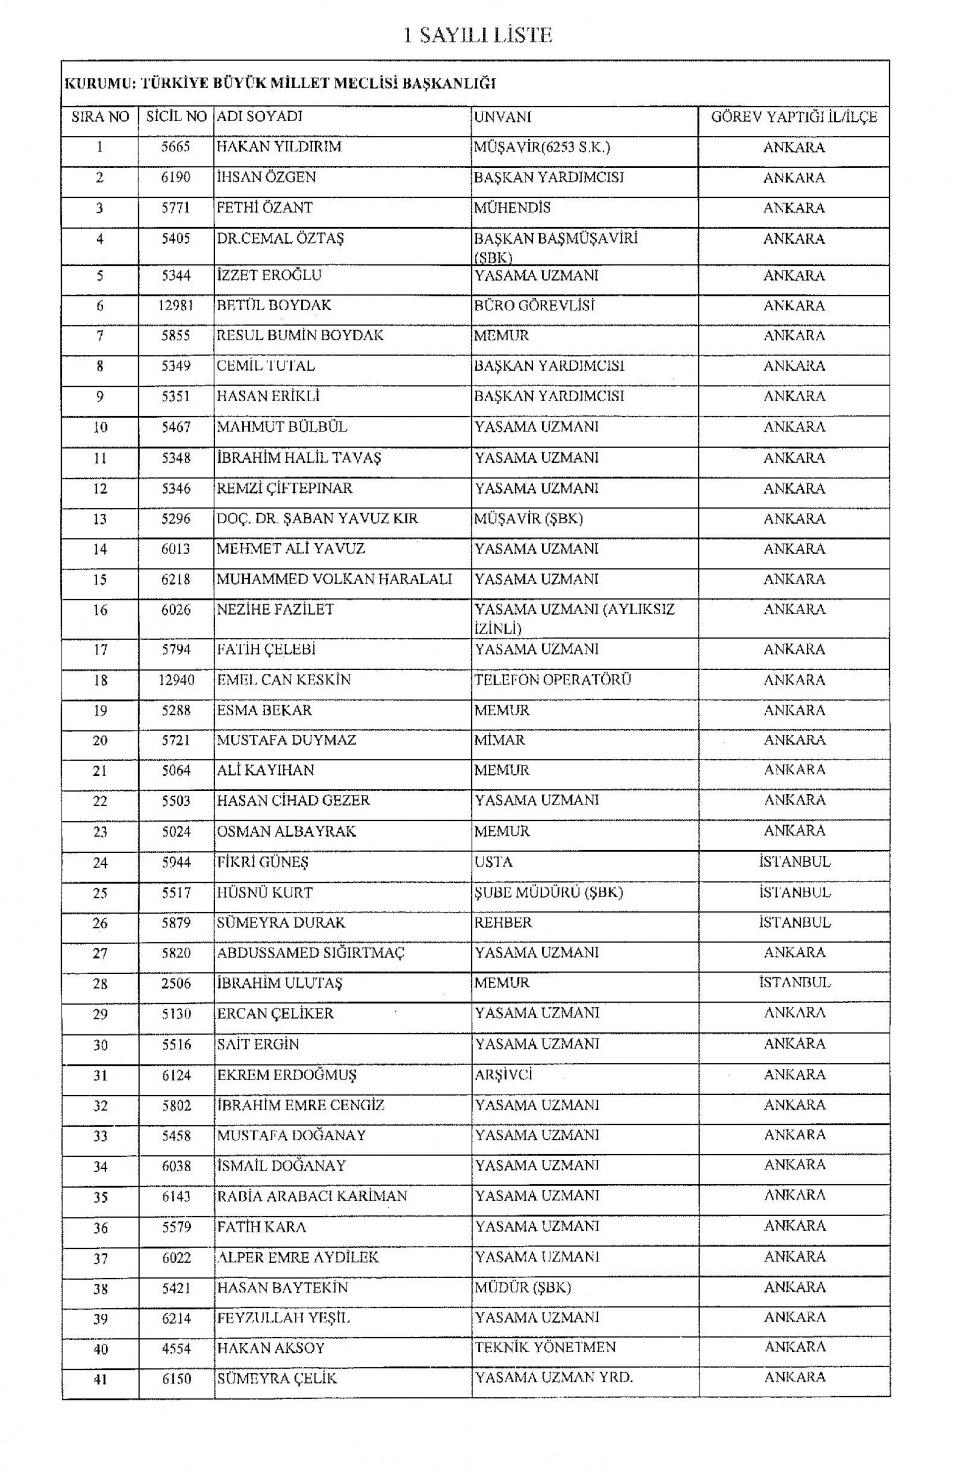 İşte kamuda ihraç edilenlerin tam listesi 2